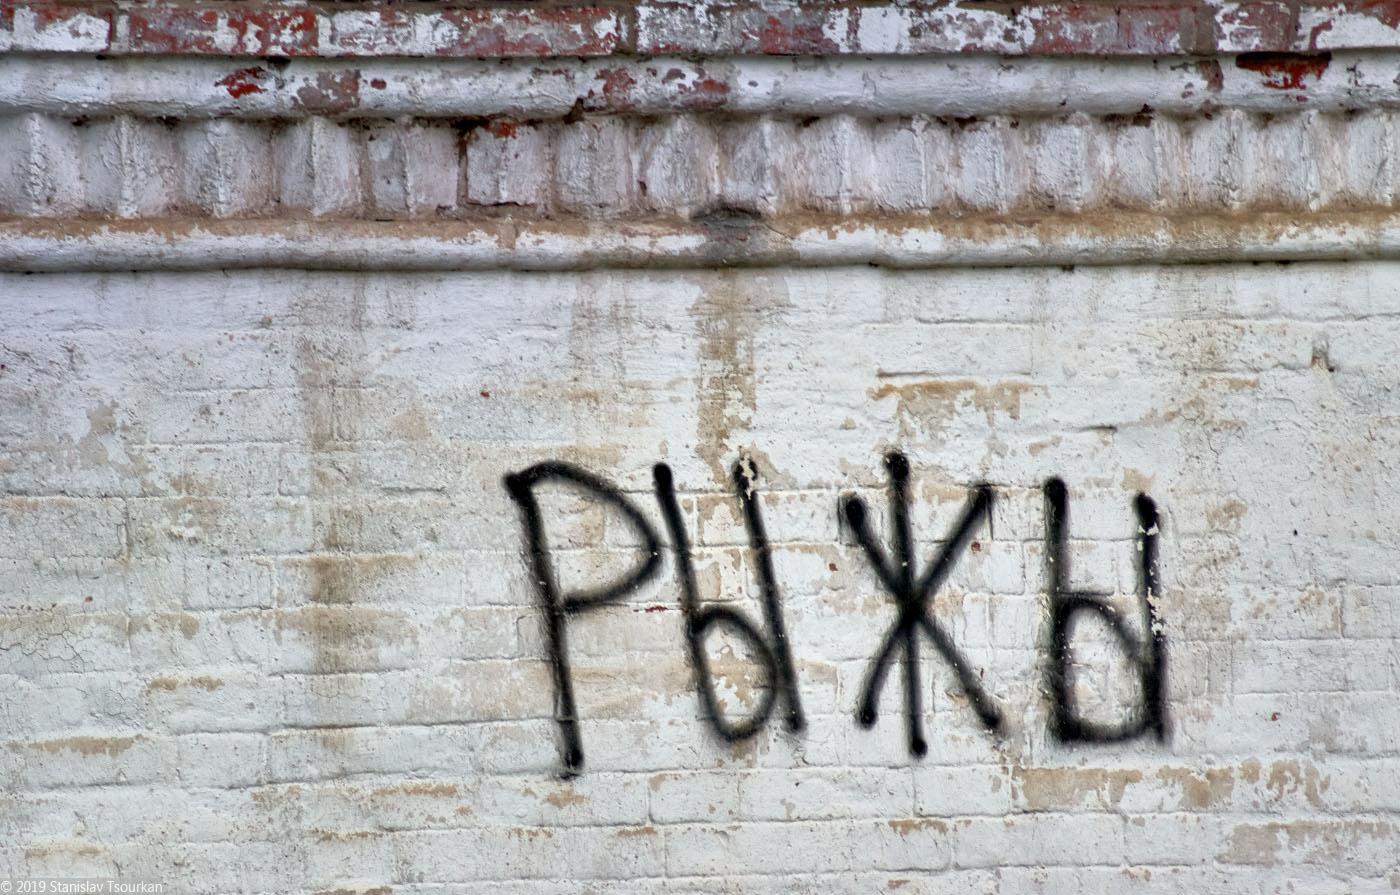 Вологодская область, Вологодчина, Великий устюг, Русский север, РЫЖЫ